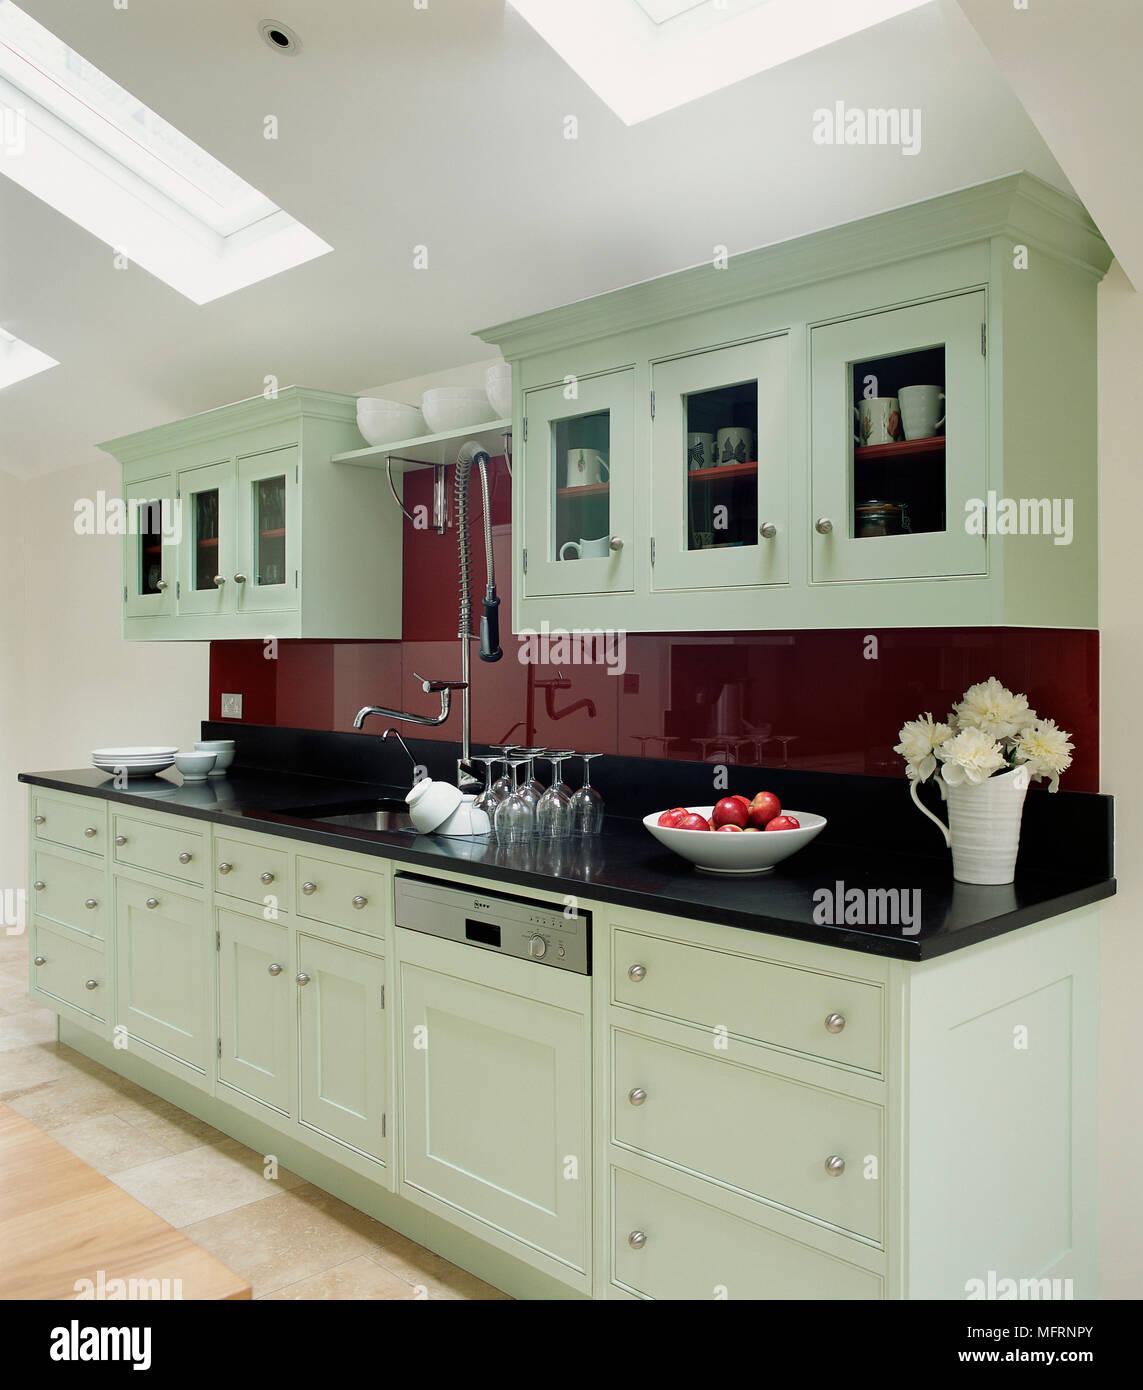 Moderne Küche im Landhausstil mit schwarzer Arbeitsplatte und ...